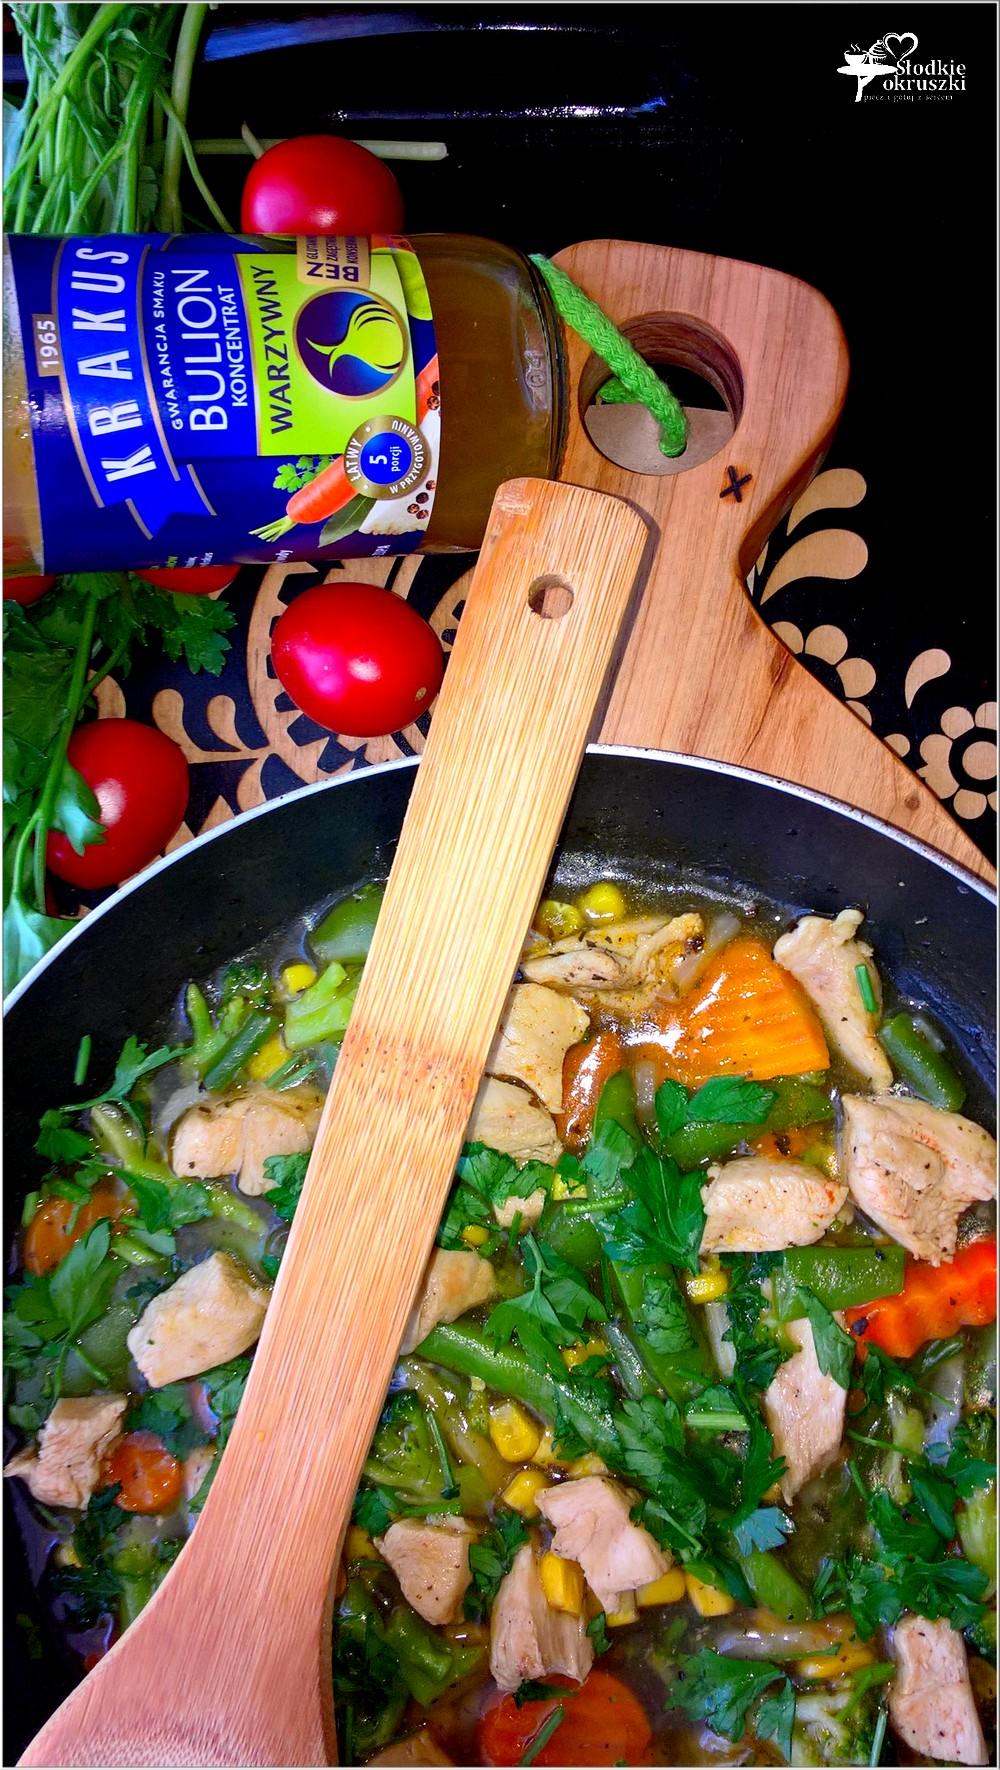 Kurczak w rozgrzewającym warzywnym sosie (3)